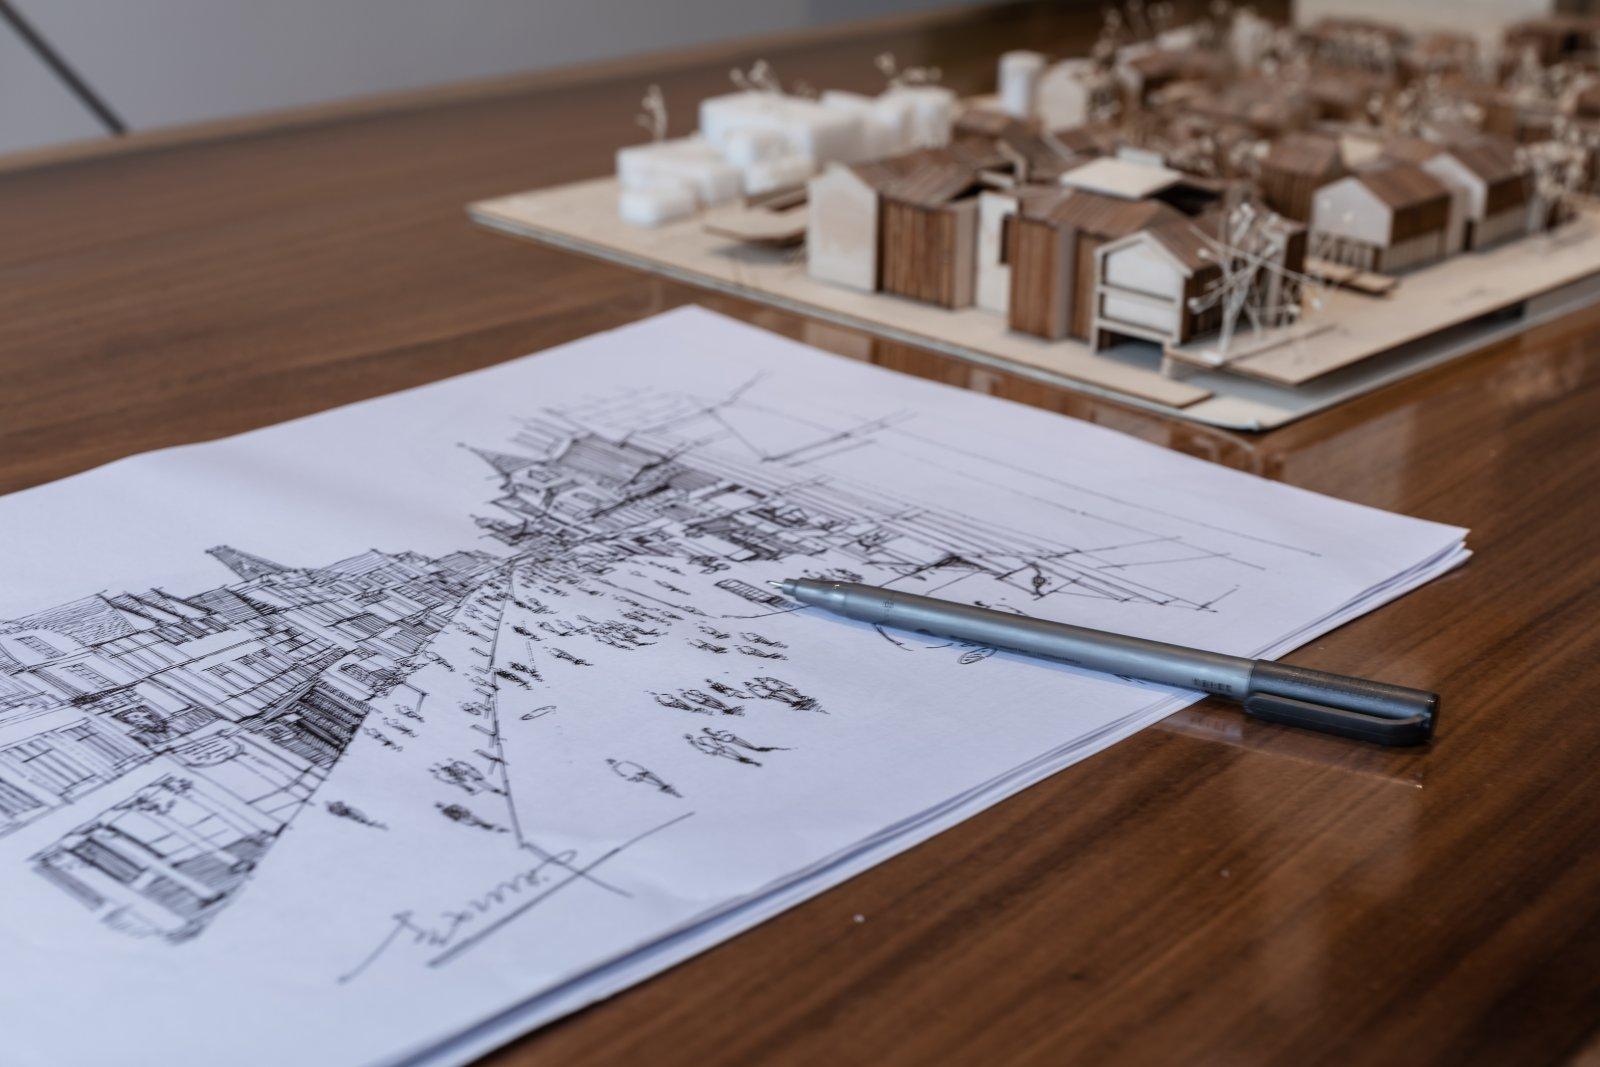 运用点、线、面元素,建筑结构美学  - 16